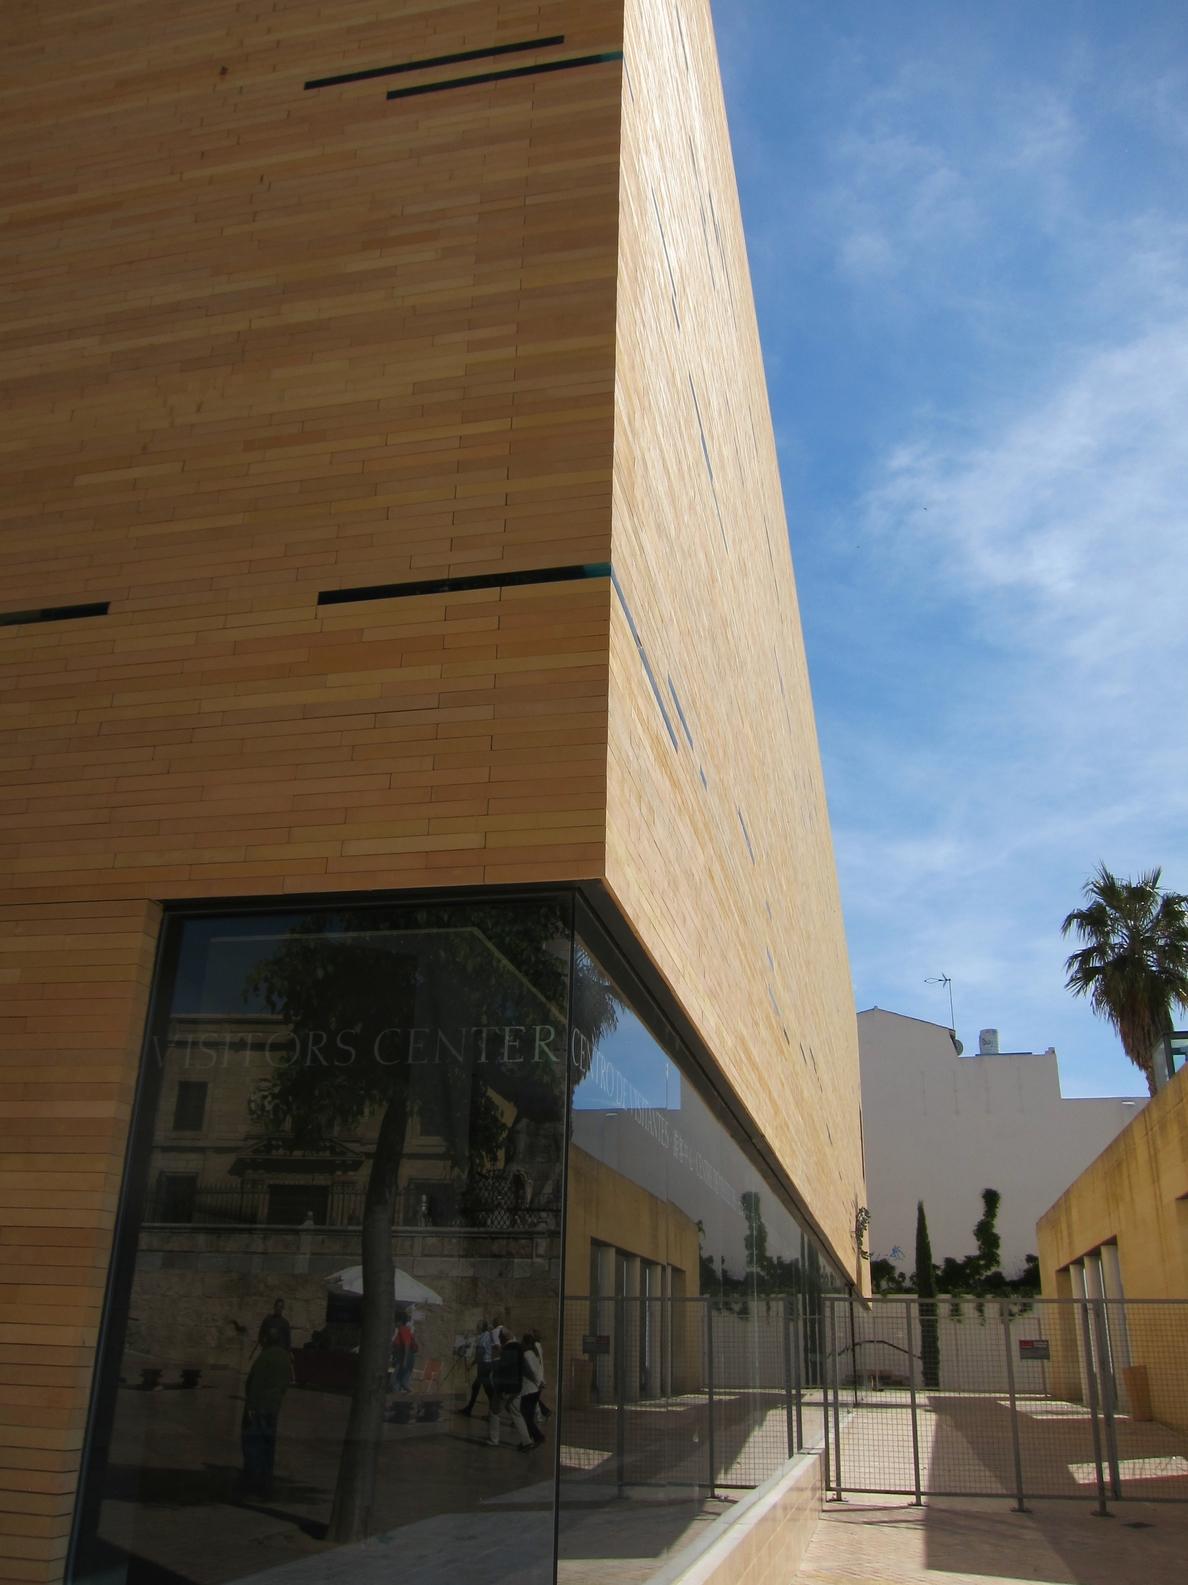 La Junta recuerda al Ayuntamiento que no recurrió el pliego ni denunció el convenio del Centro de Visitantes